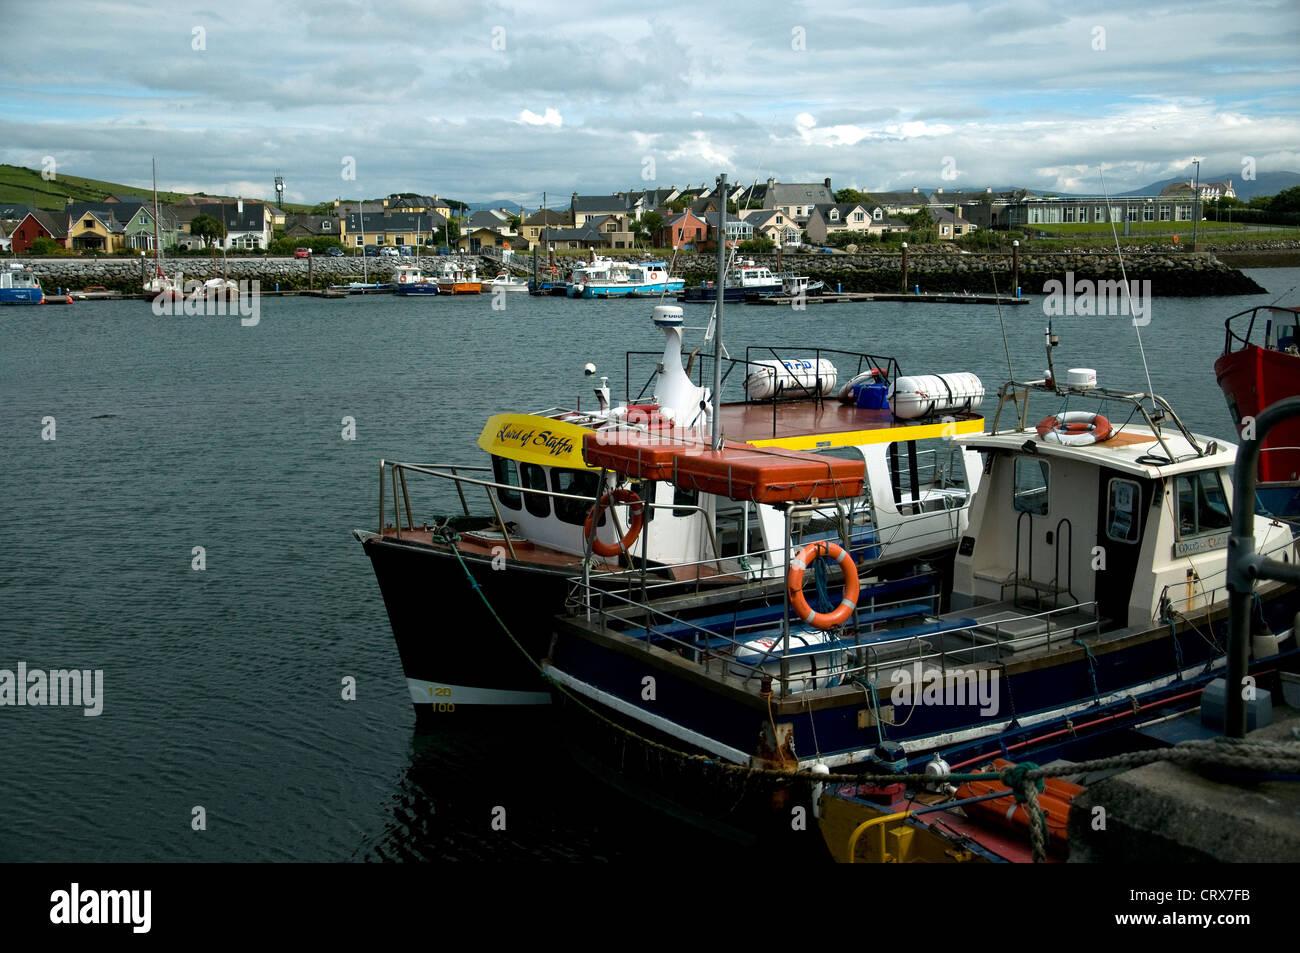 Dingle Hafen mit Booten; die Stadt ist ein beliebter Ferienort in Co.Kerry, Irland Stockbild